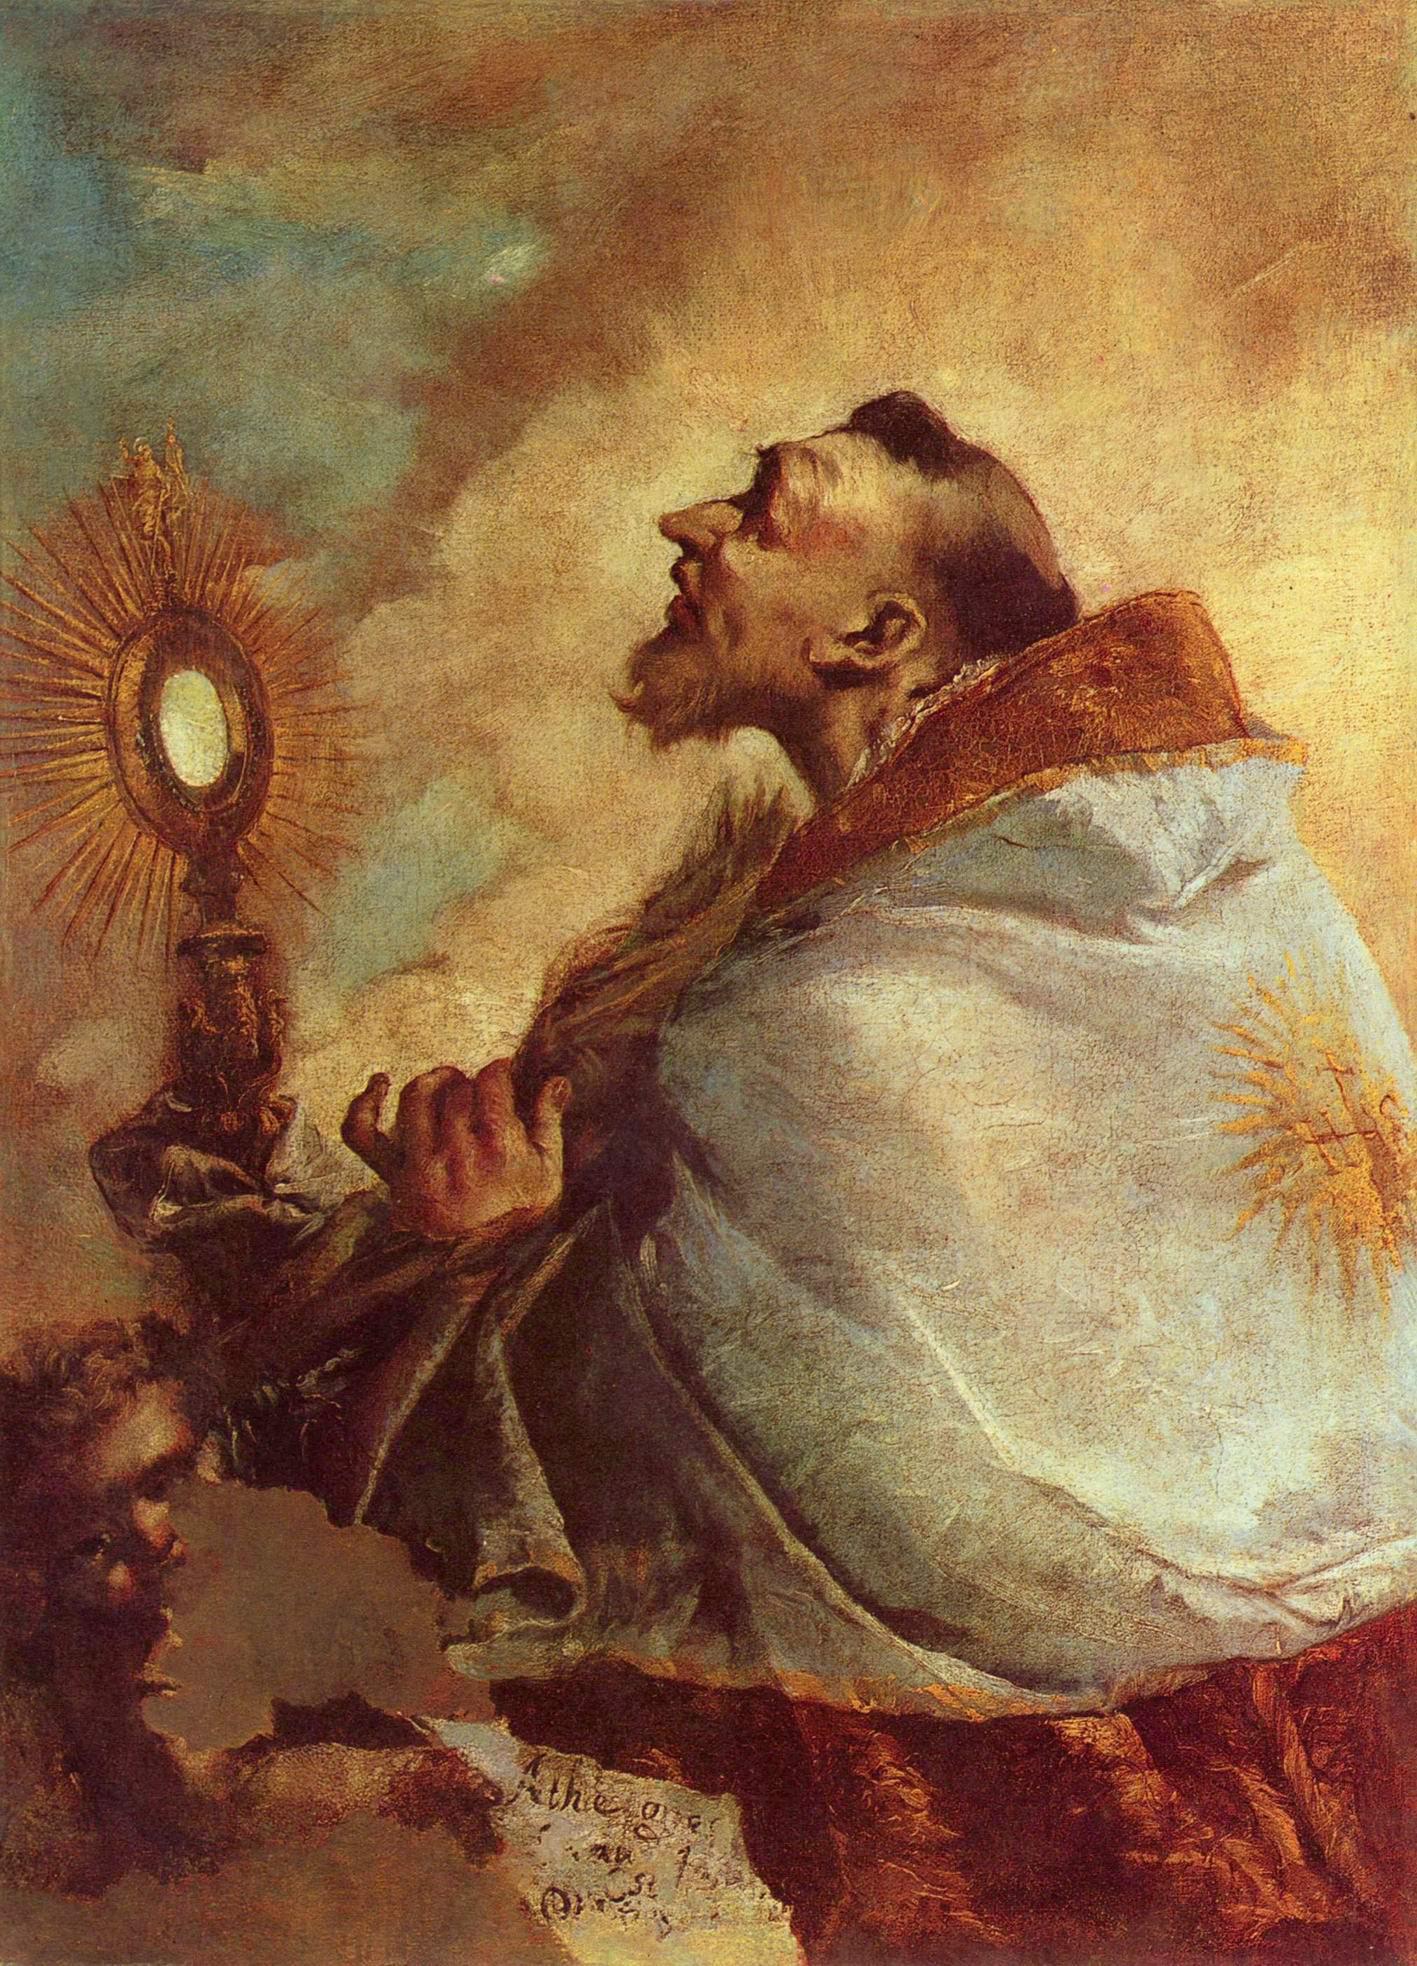 Экстаз святого, Франческо Гварди